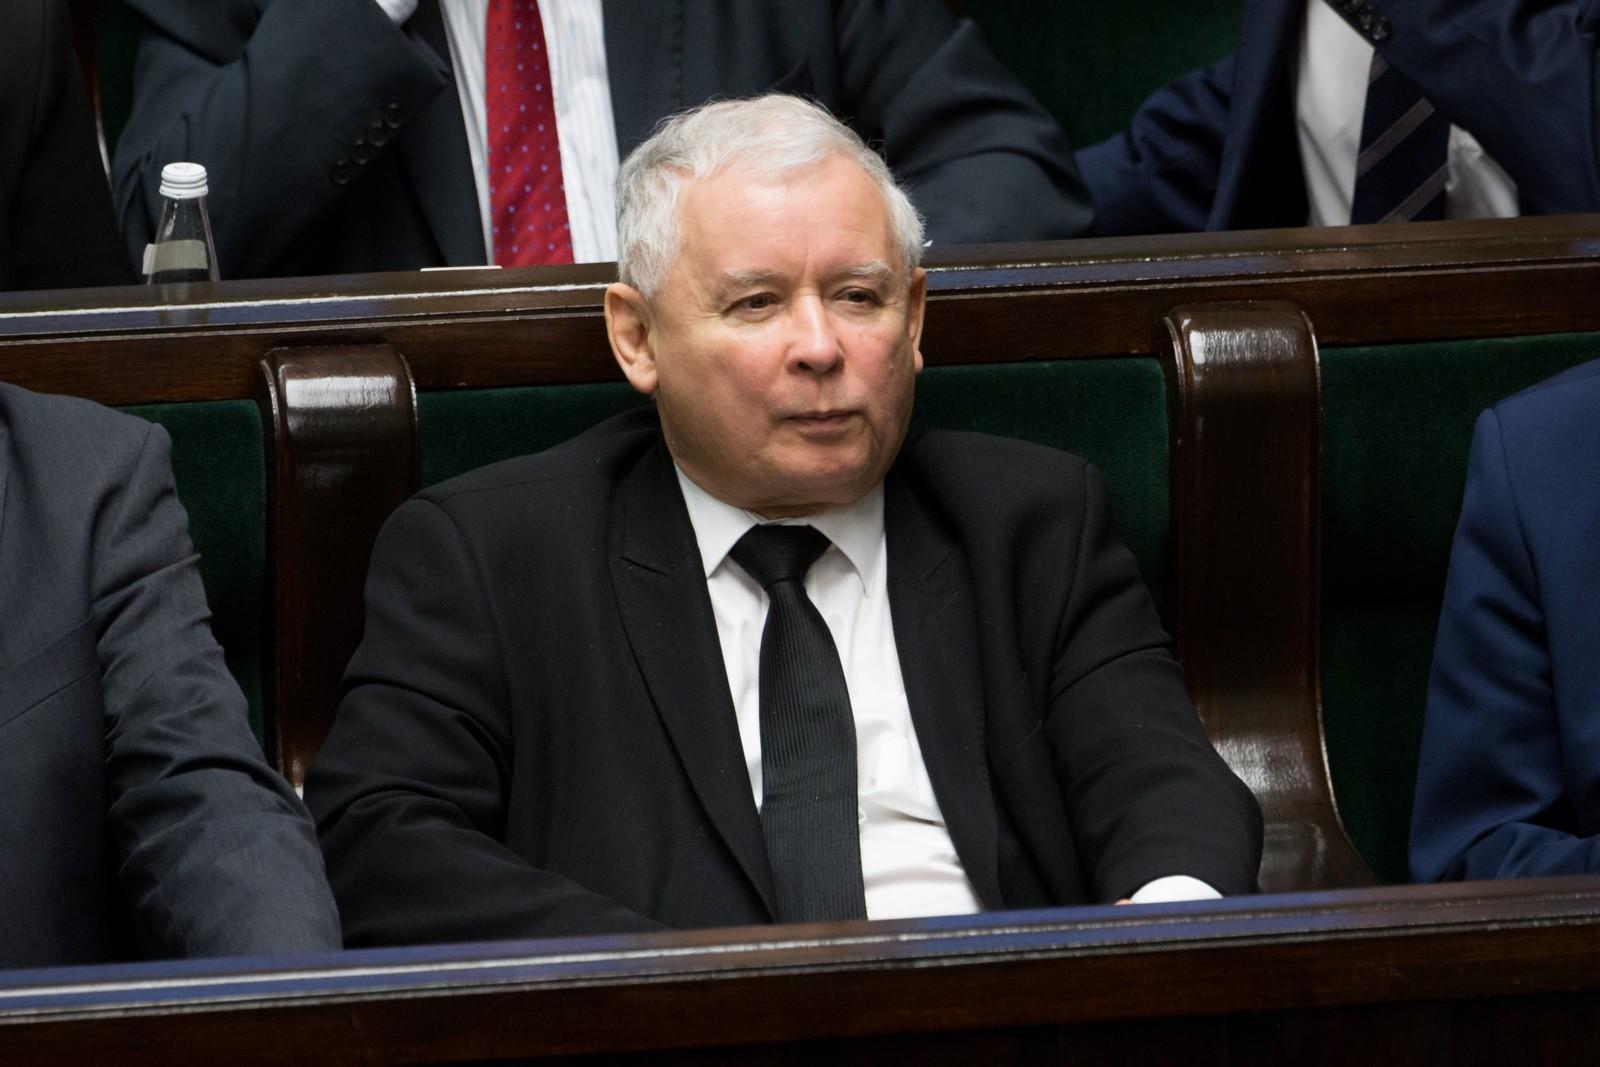 Nowa Zelandia Atak Film Photo: Kaczyński Ani Razu Nie Wziął Udziału W Obradach Komisji